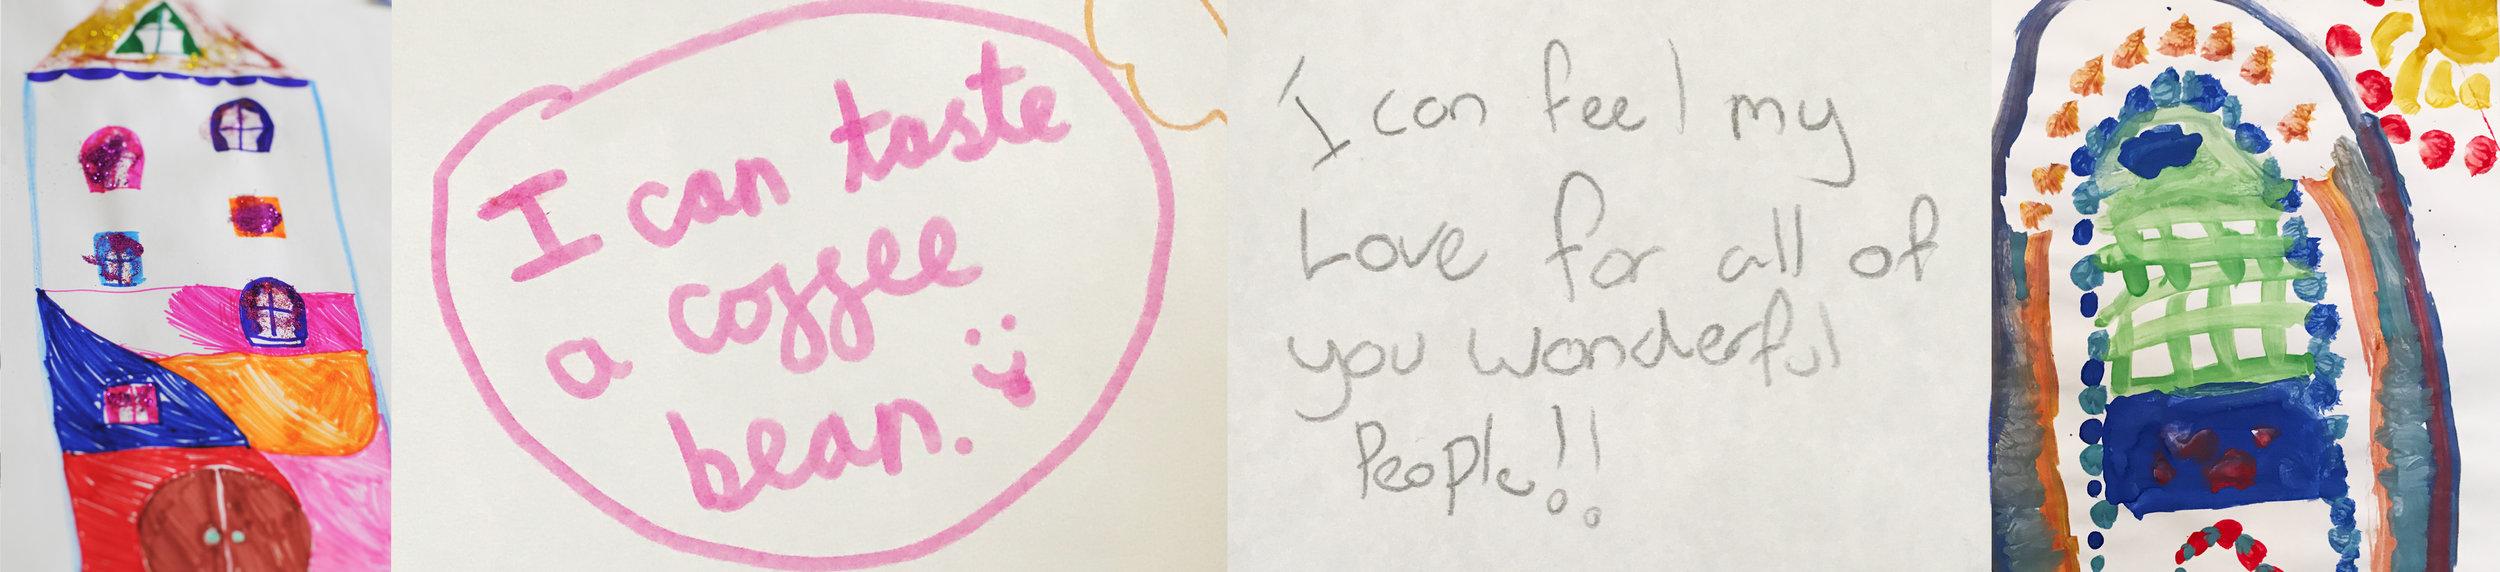 kids drawings 2.jpg